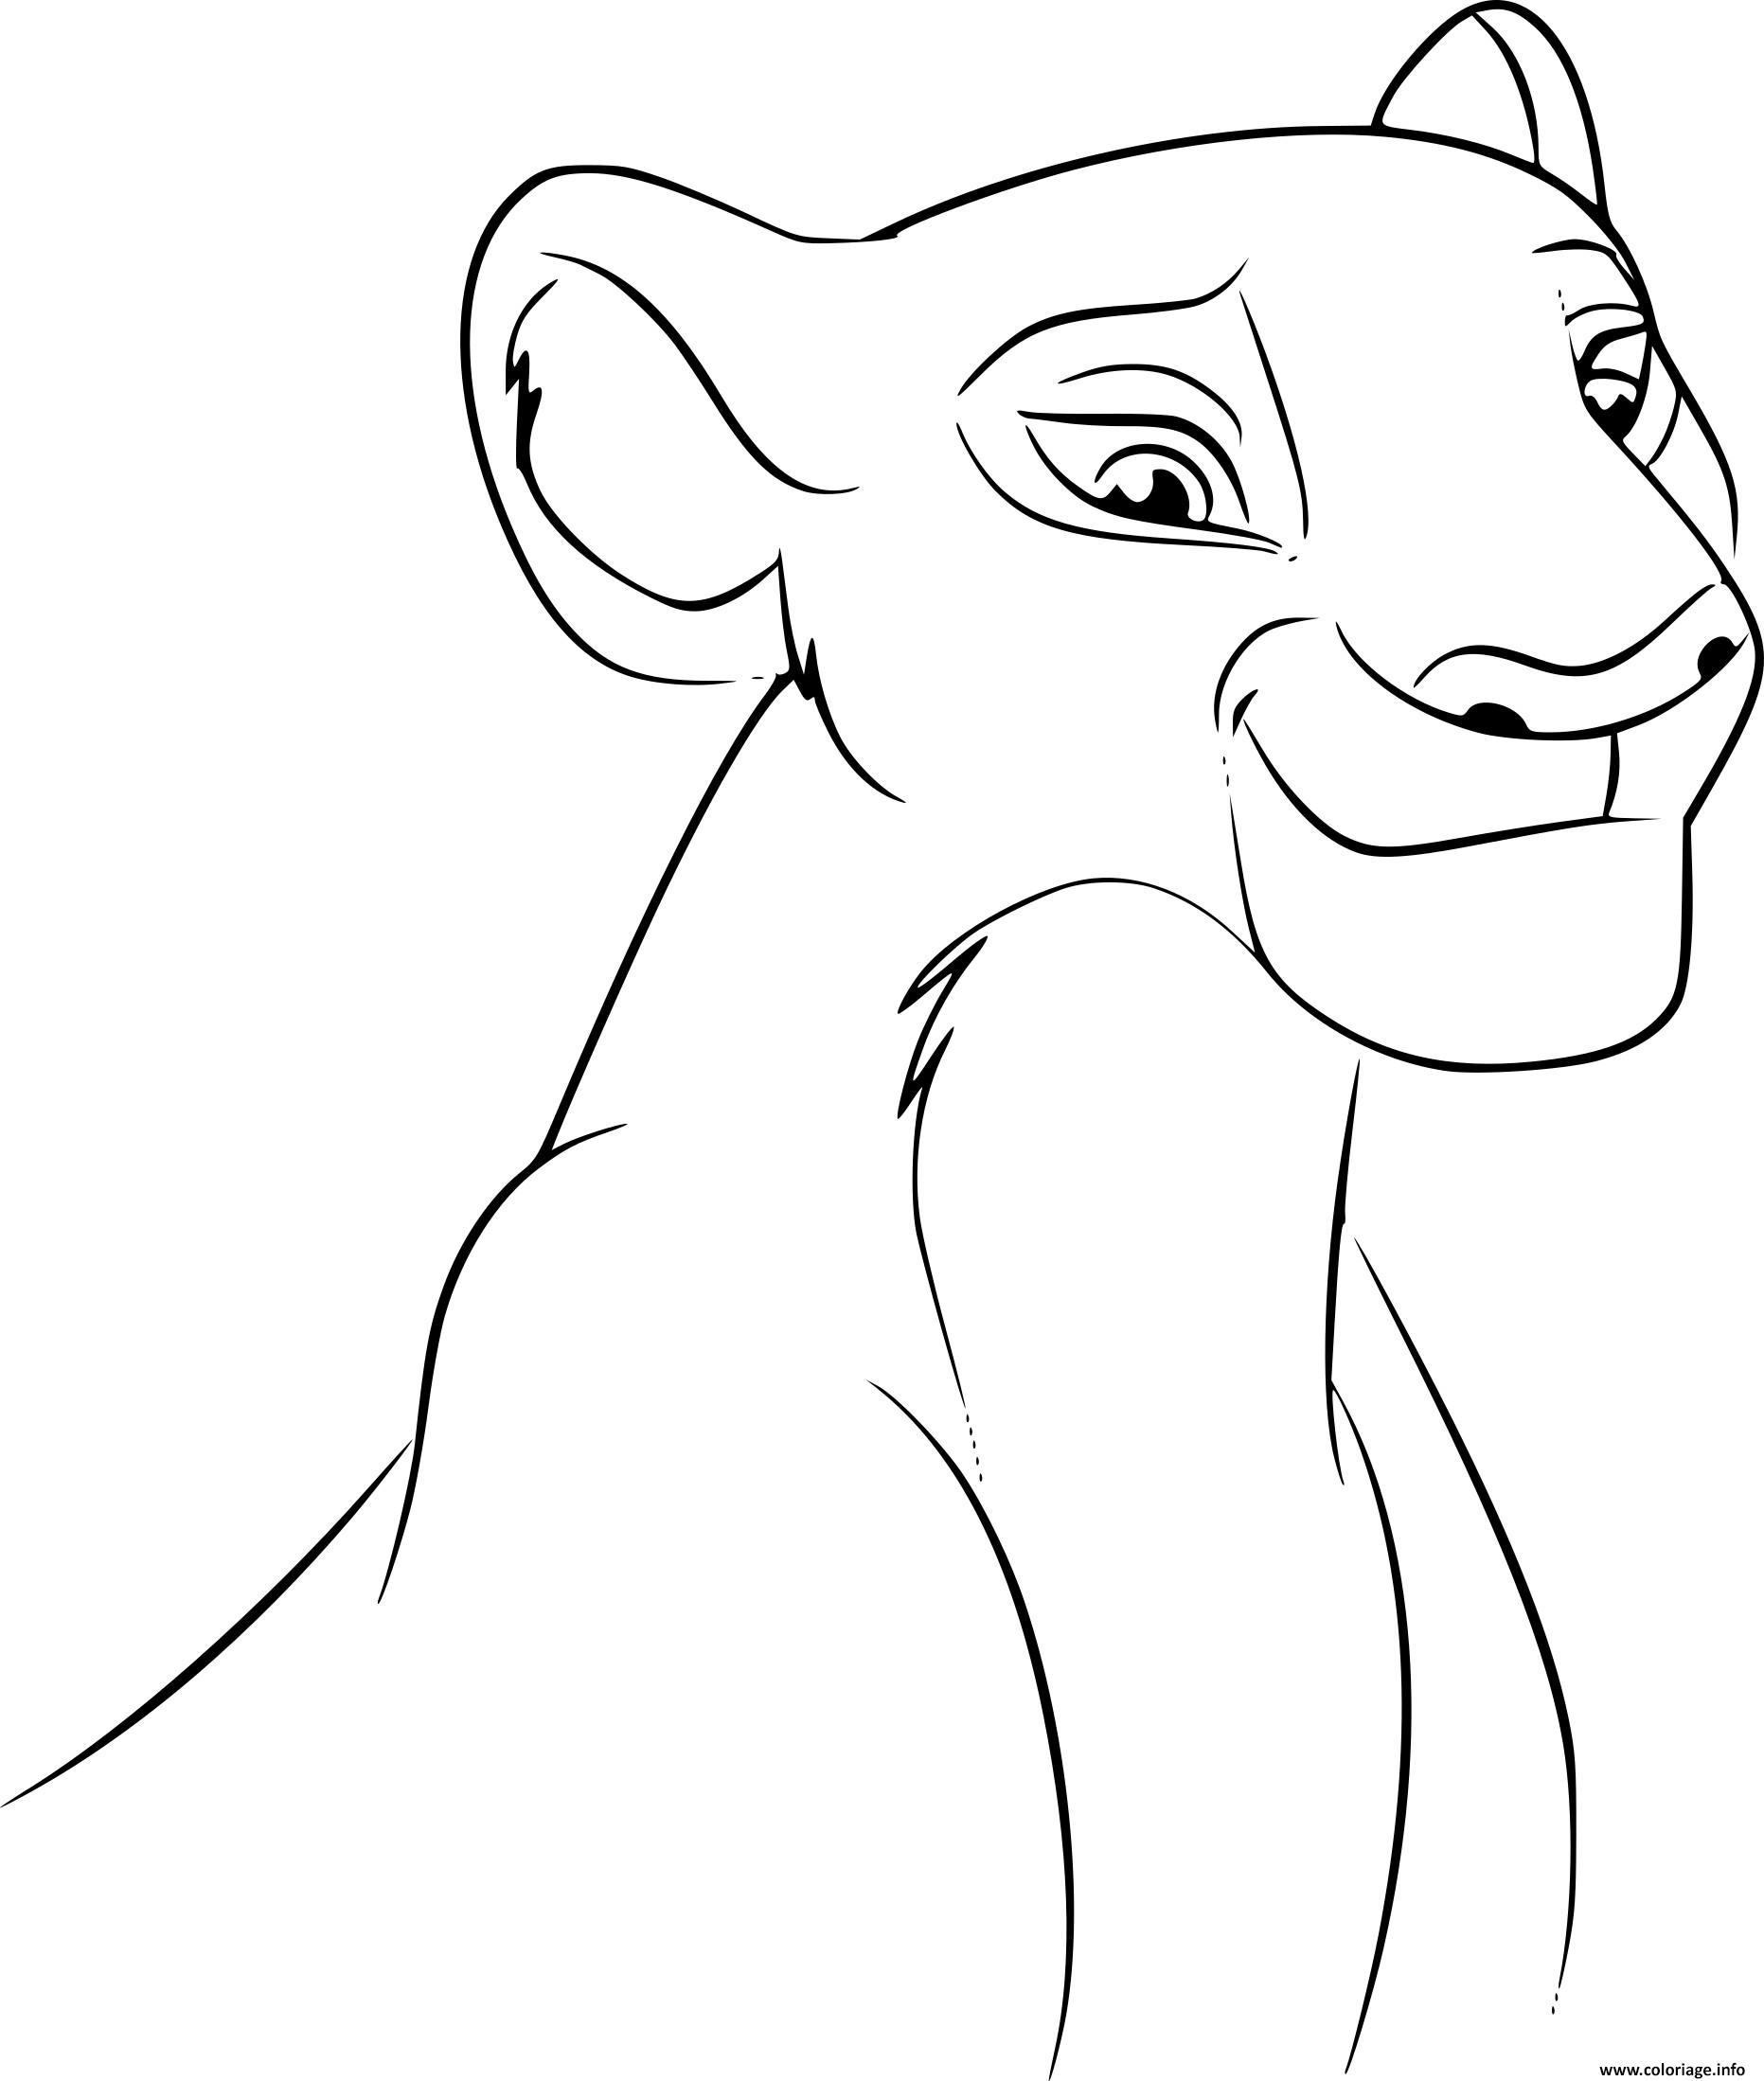 dessin roi lion - Les dessins et coloriage